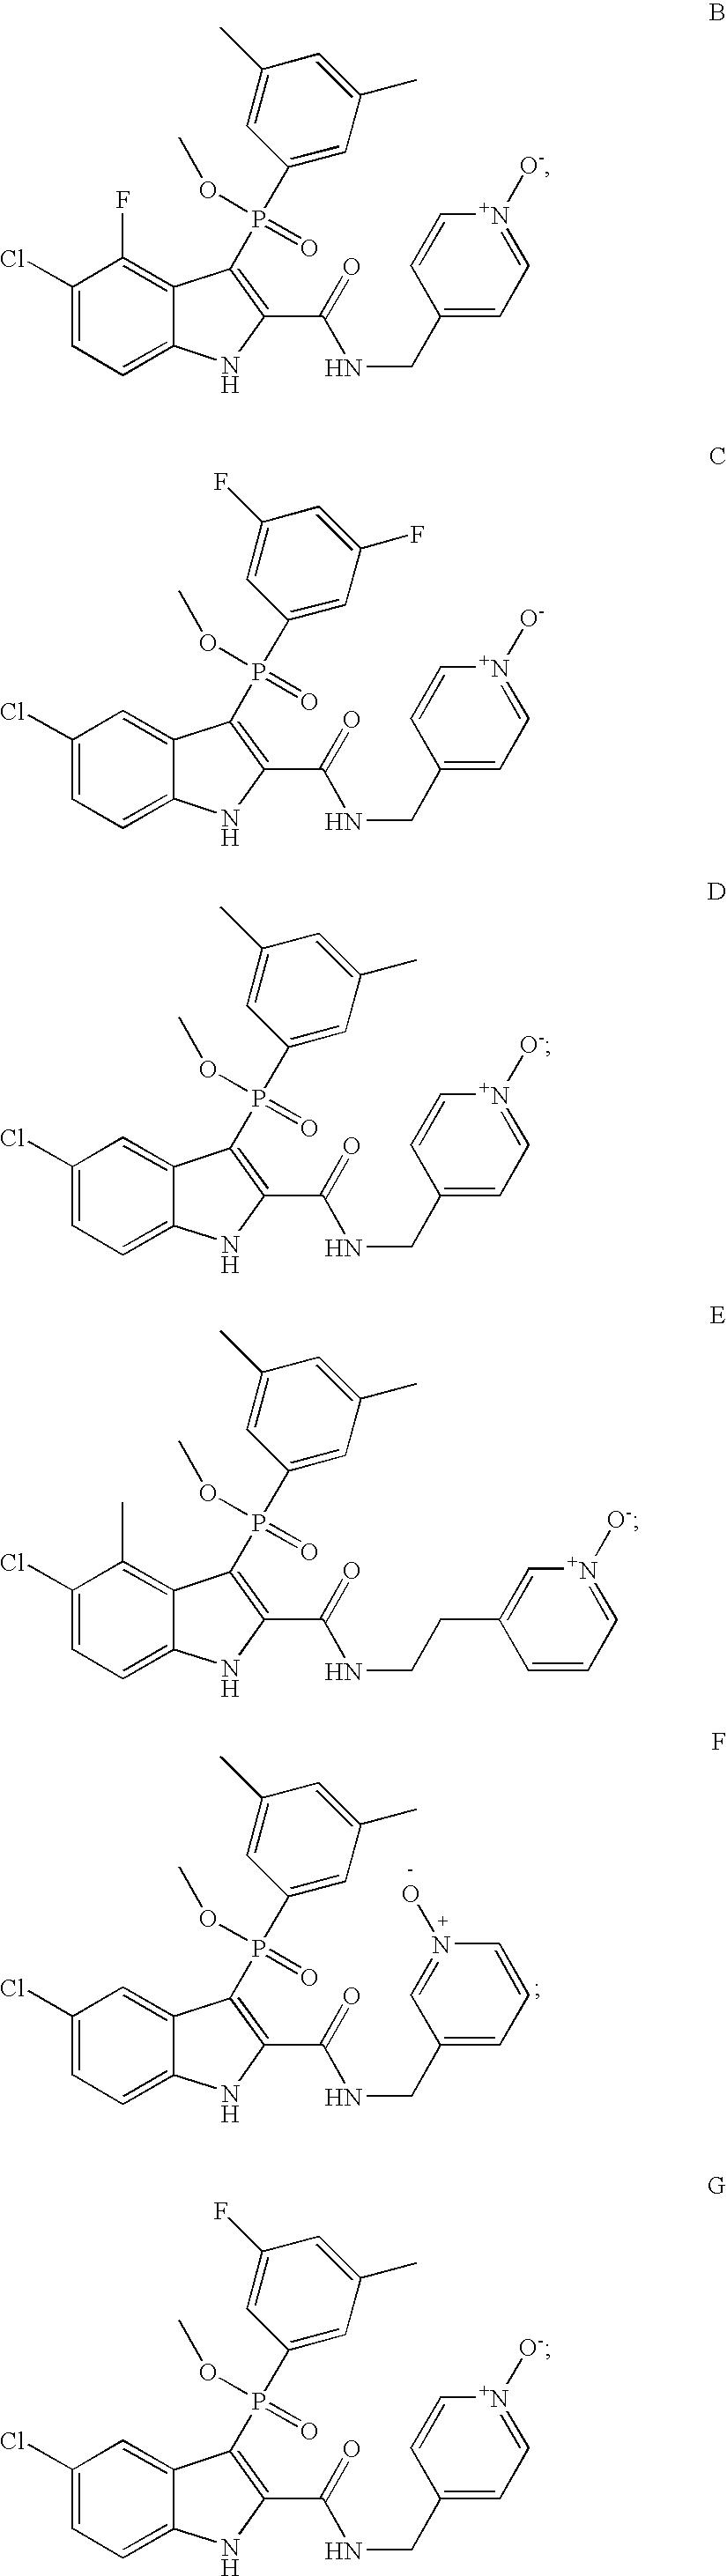 Figure US20060074054A1-20060406-C00009